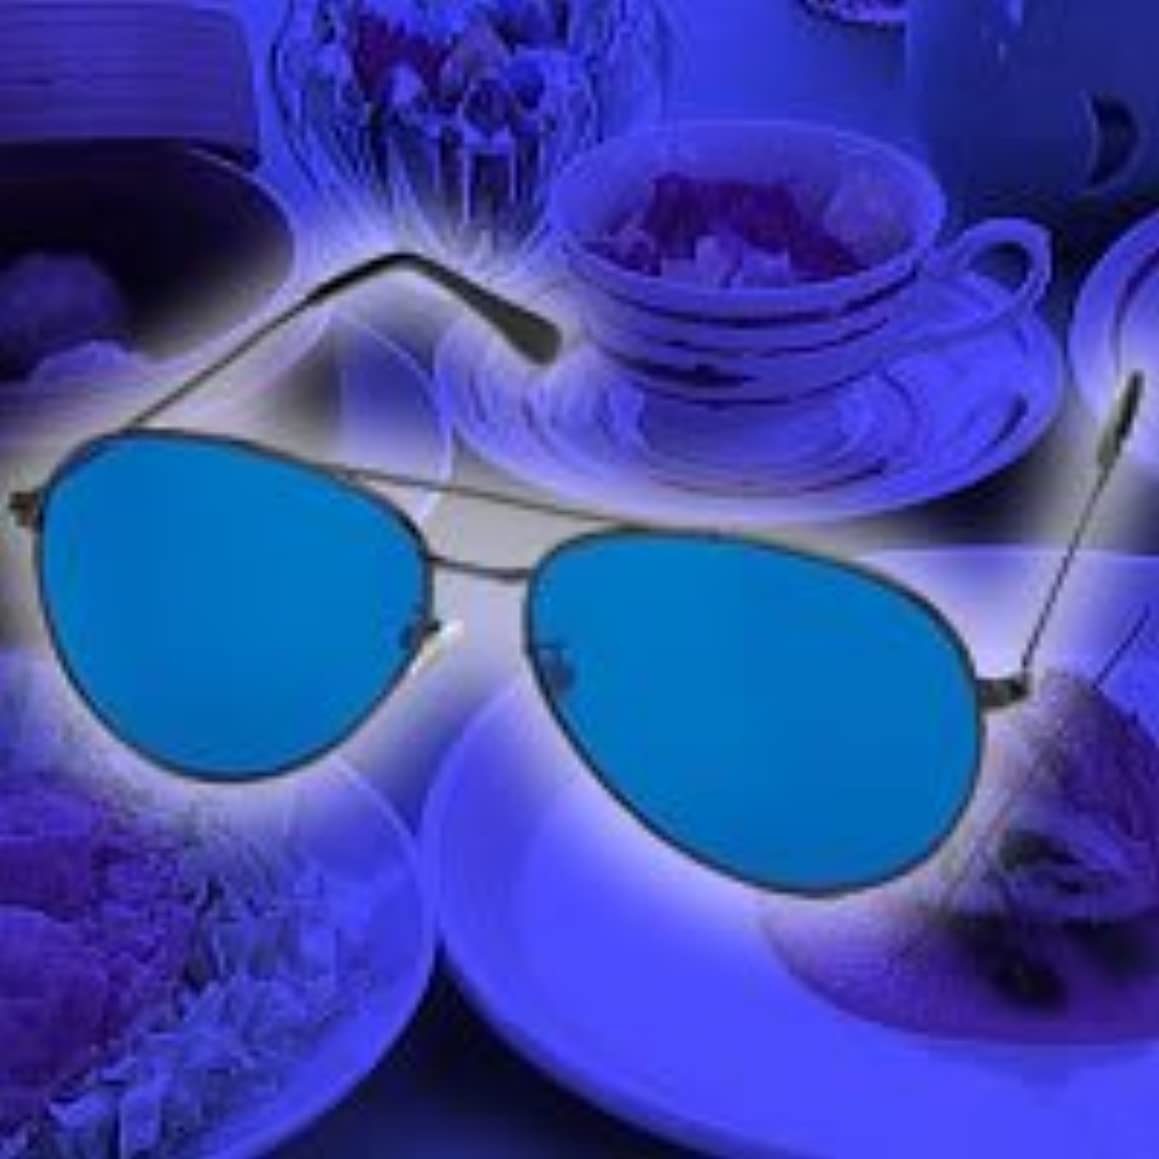 構成ブルーベル重大青色ダイエットめがね(青色めがね)食べる5分前に使用でダイエット 青色アイグラス リラックスで食欲を抑える 青色めがねダイエット